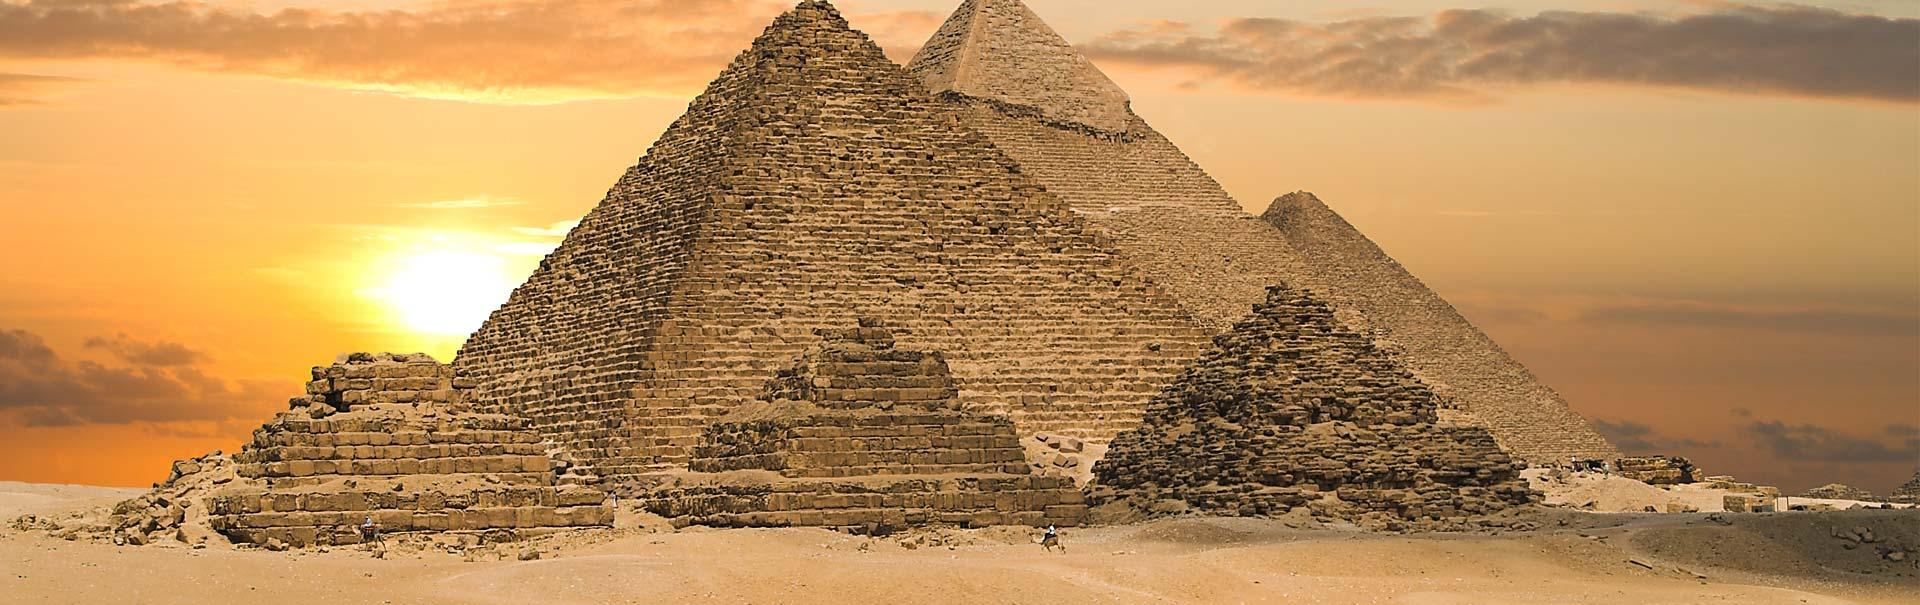 imageUrlhttps://img.veenaworld.com/customized-holidays/world/dubai-egypt-israel/sheg3/sheg3-bnn-1.jpg